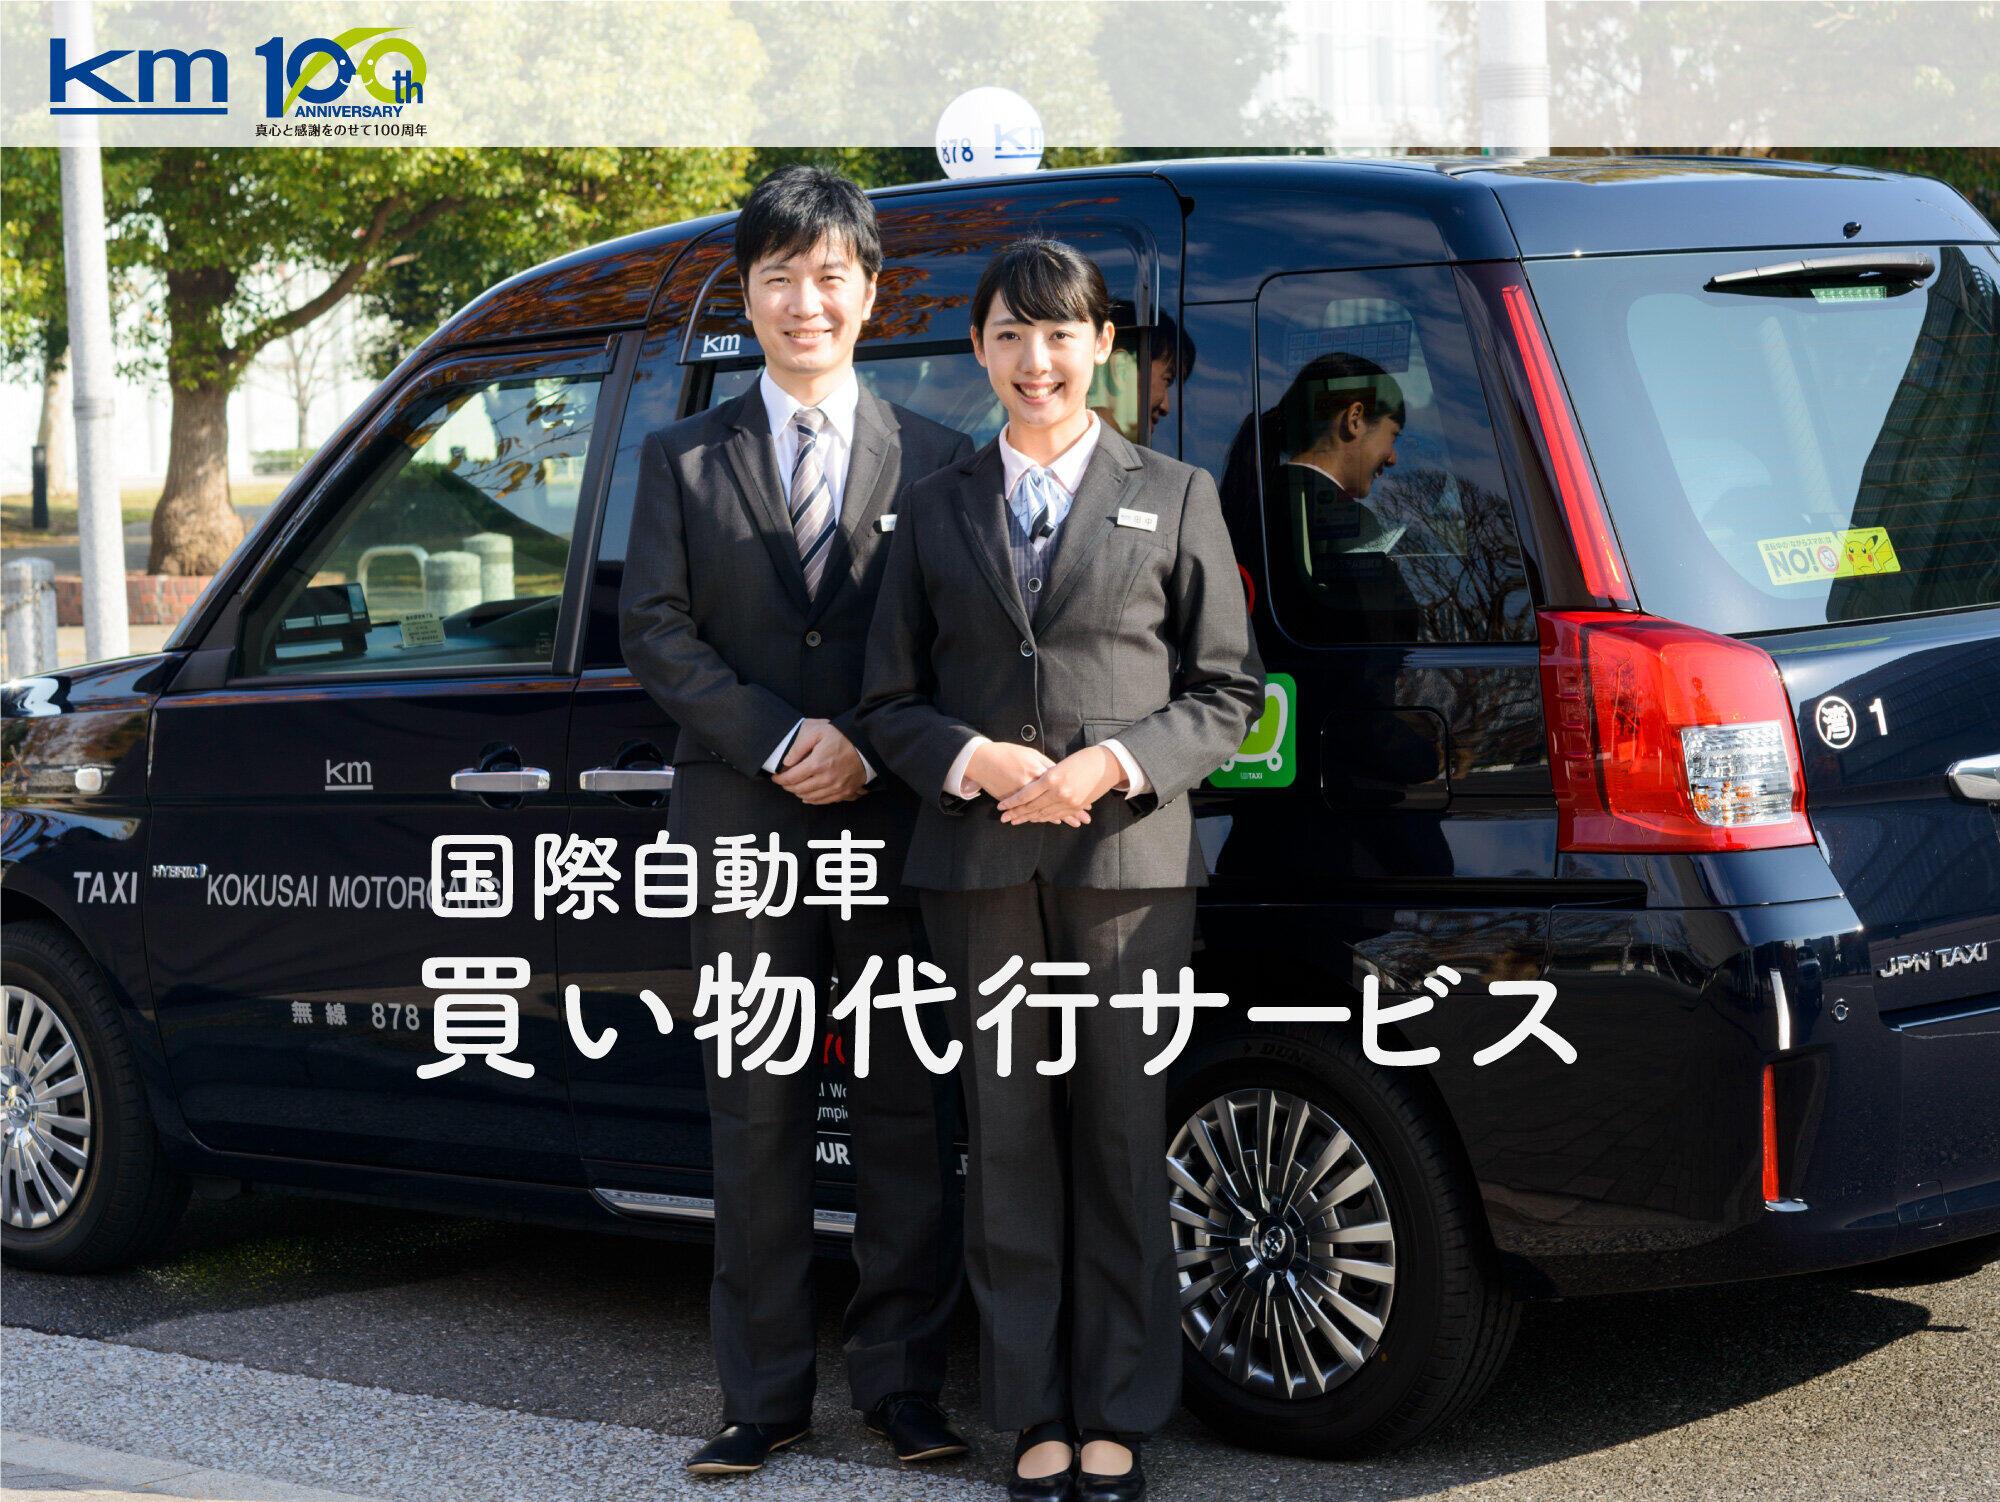 都内でも買い物代行タクシーのサービス始まる